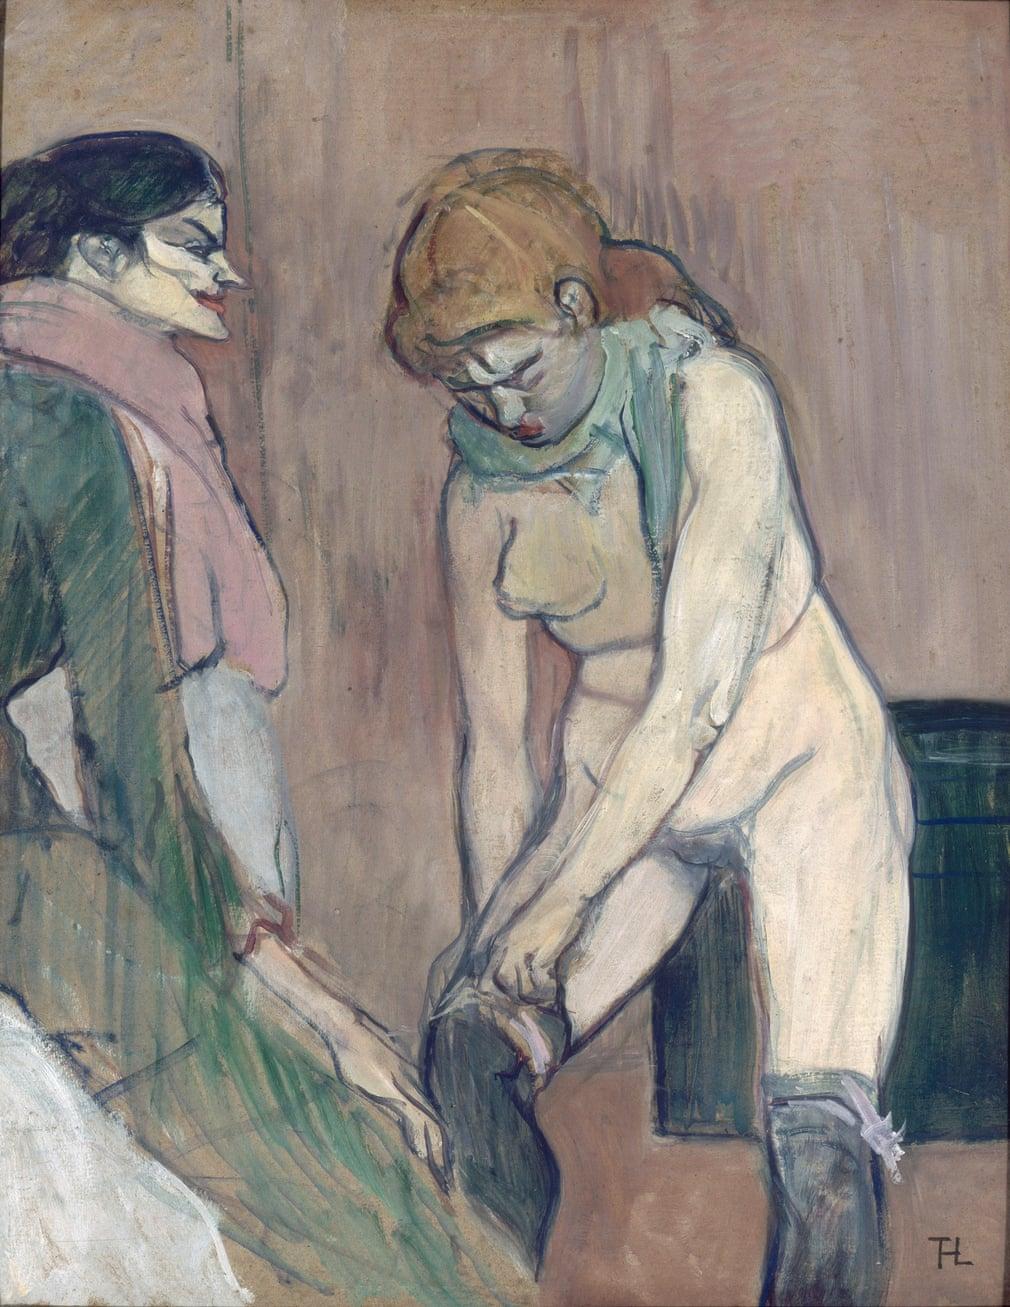 Henri de Toulouse-Lautrec: Femme tirant son bas, 1894